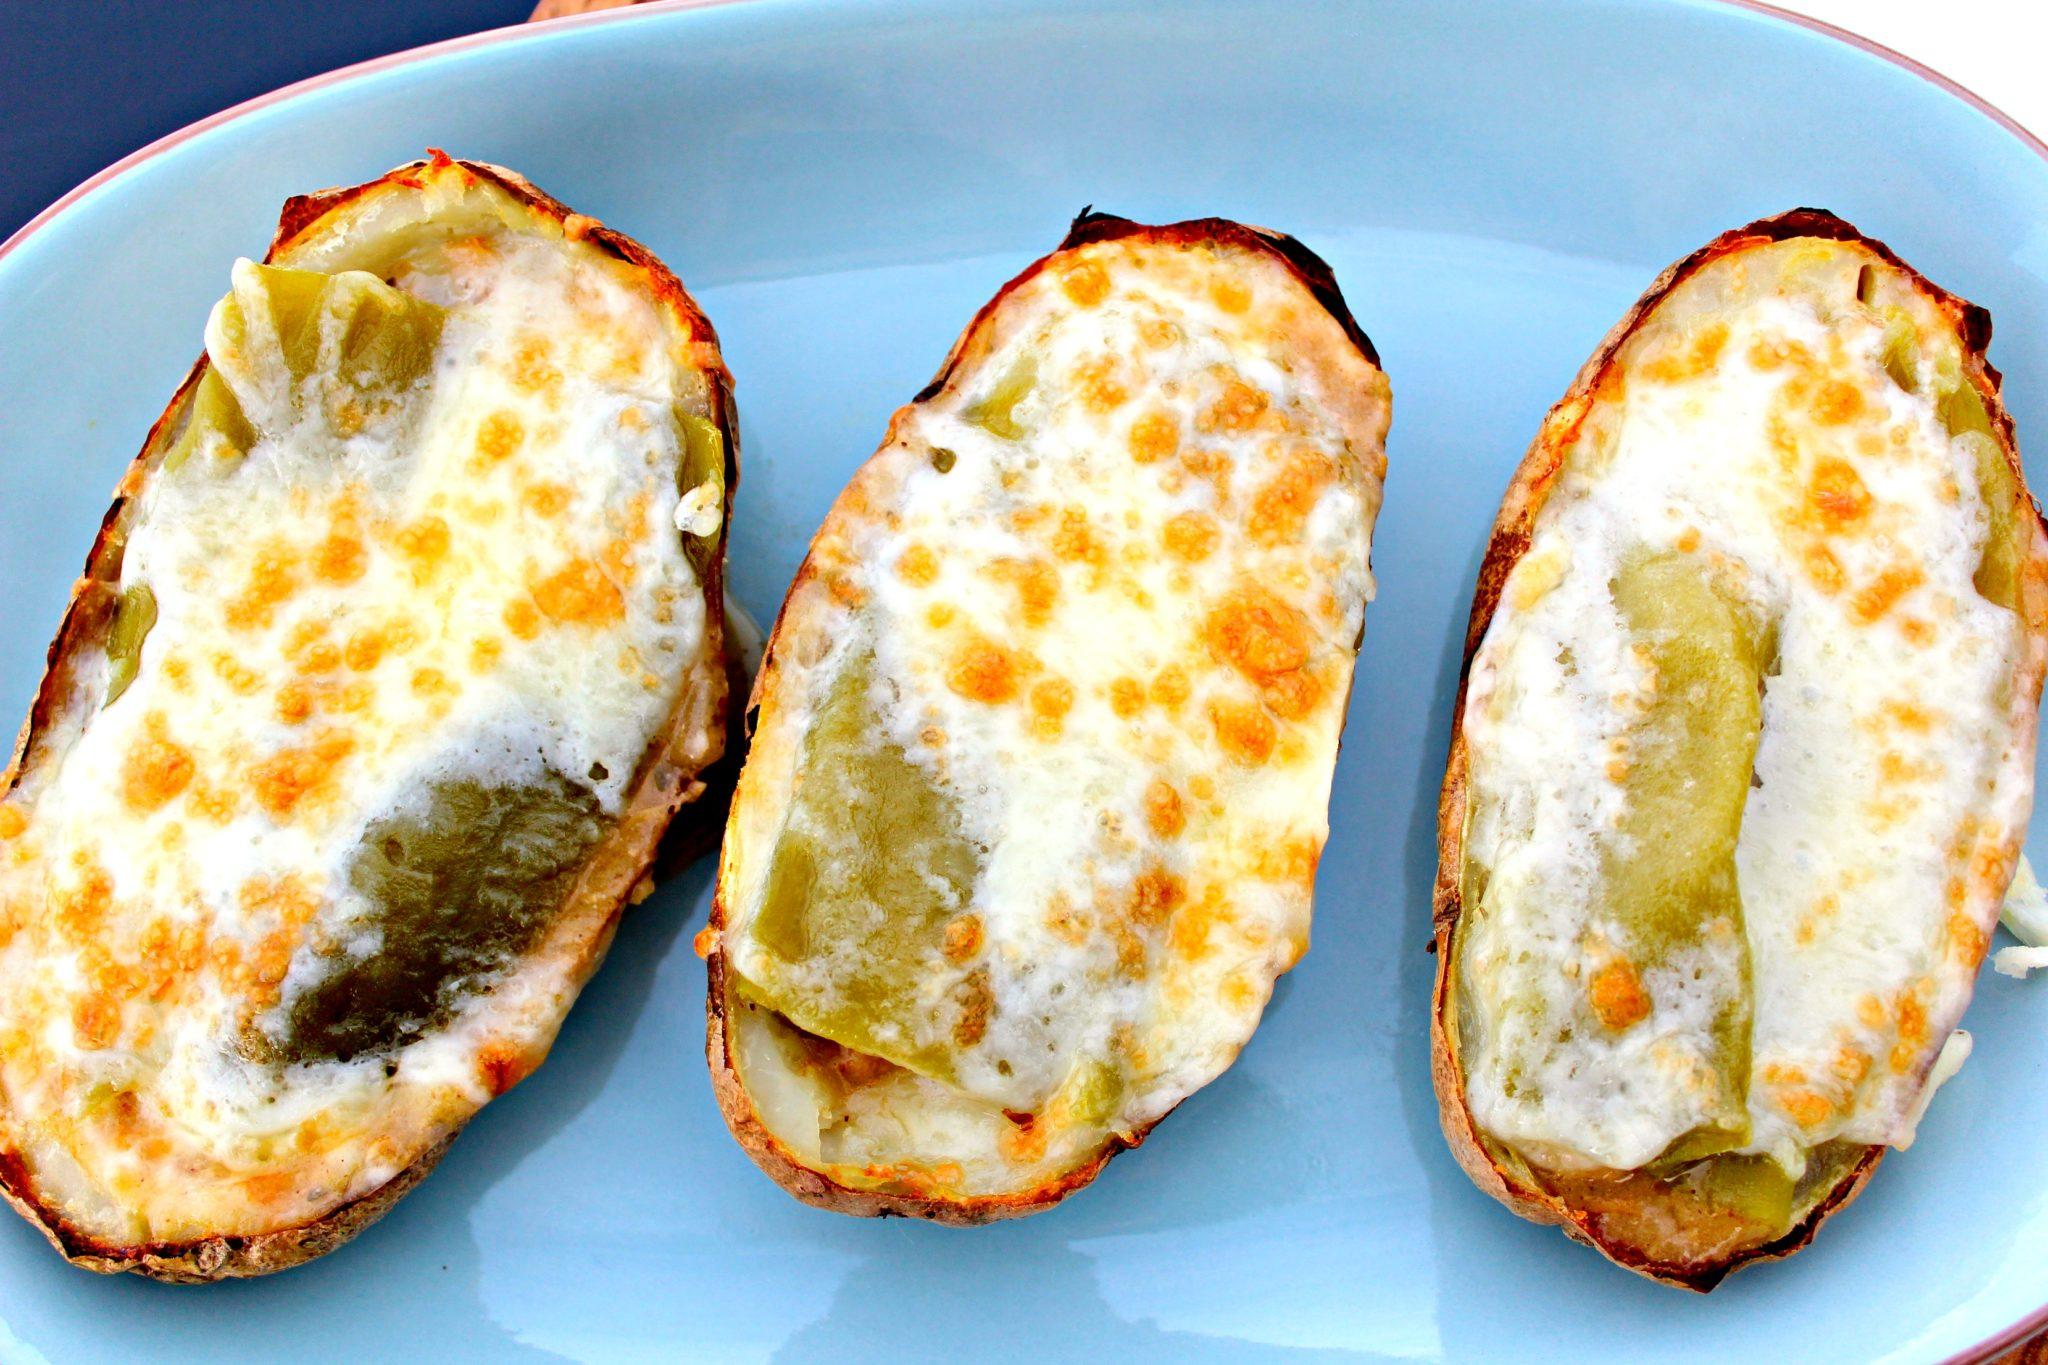 Potato Boats with White Chicken Chili